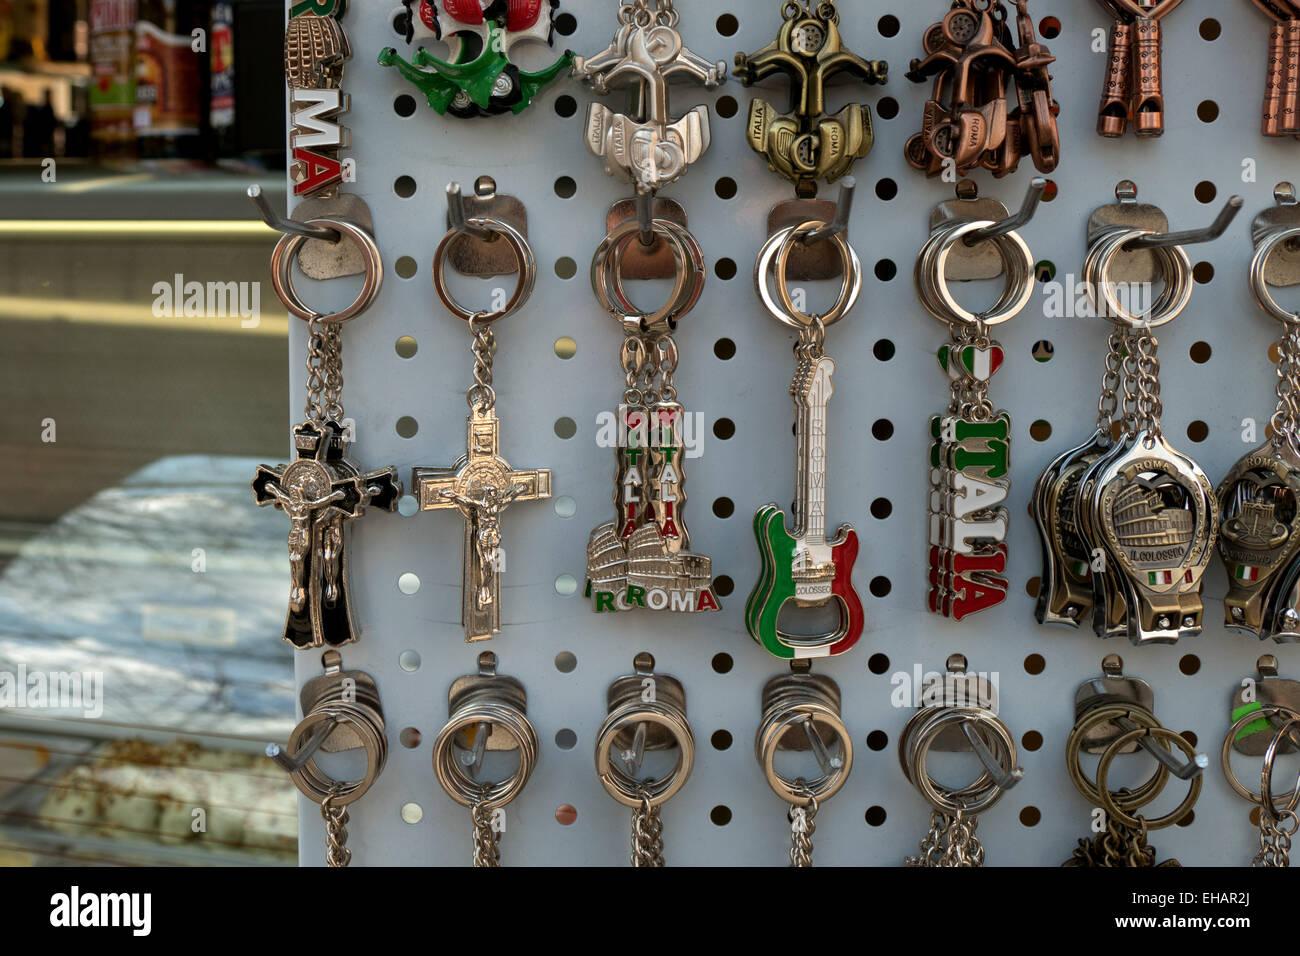 Shop Selling Souvenir Gift Present Object Key Chain